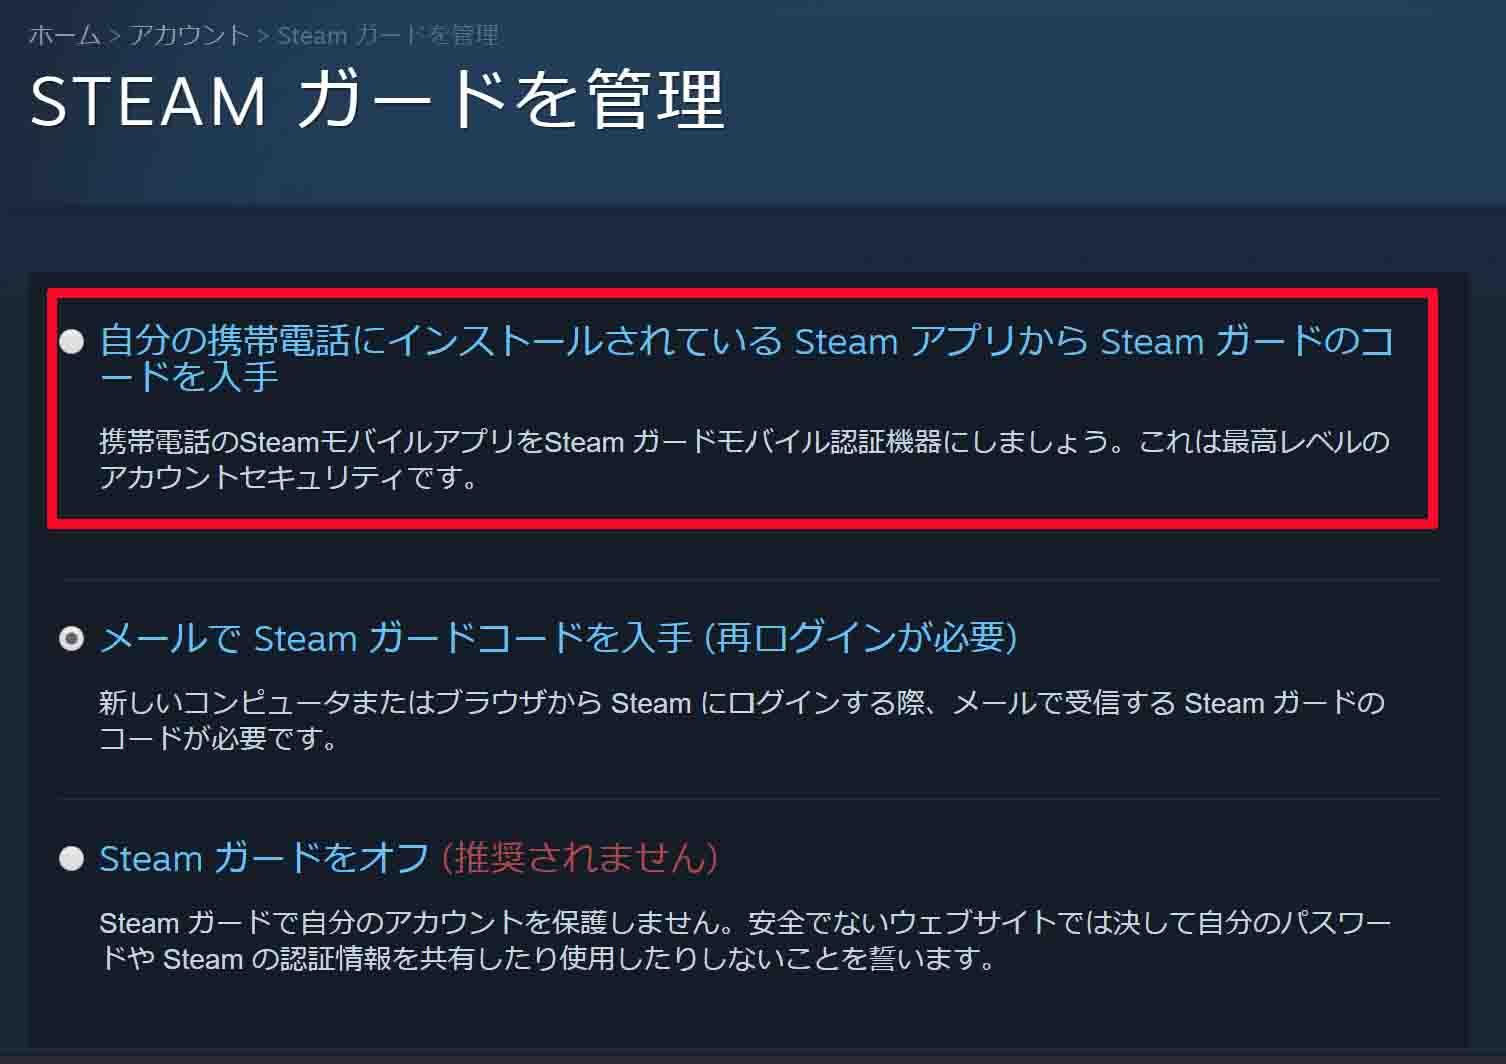 ④「自分の携帯電話にインストールされている Steam アプリから Steam ガードのコードを入手」を選択する